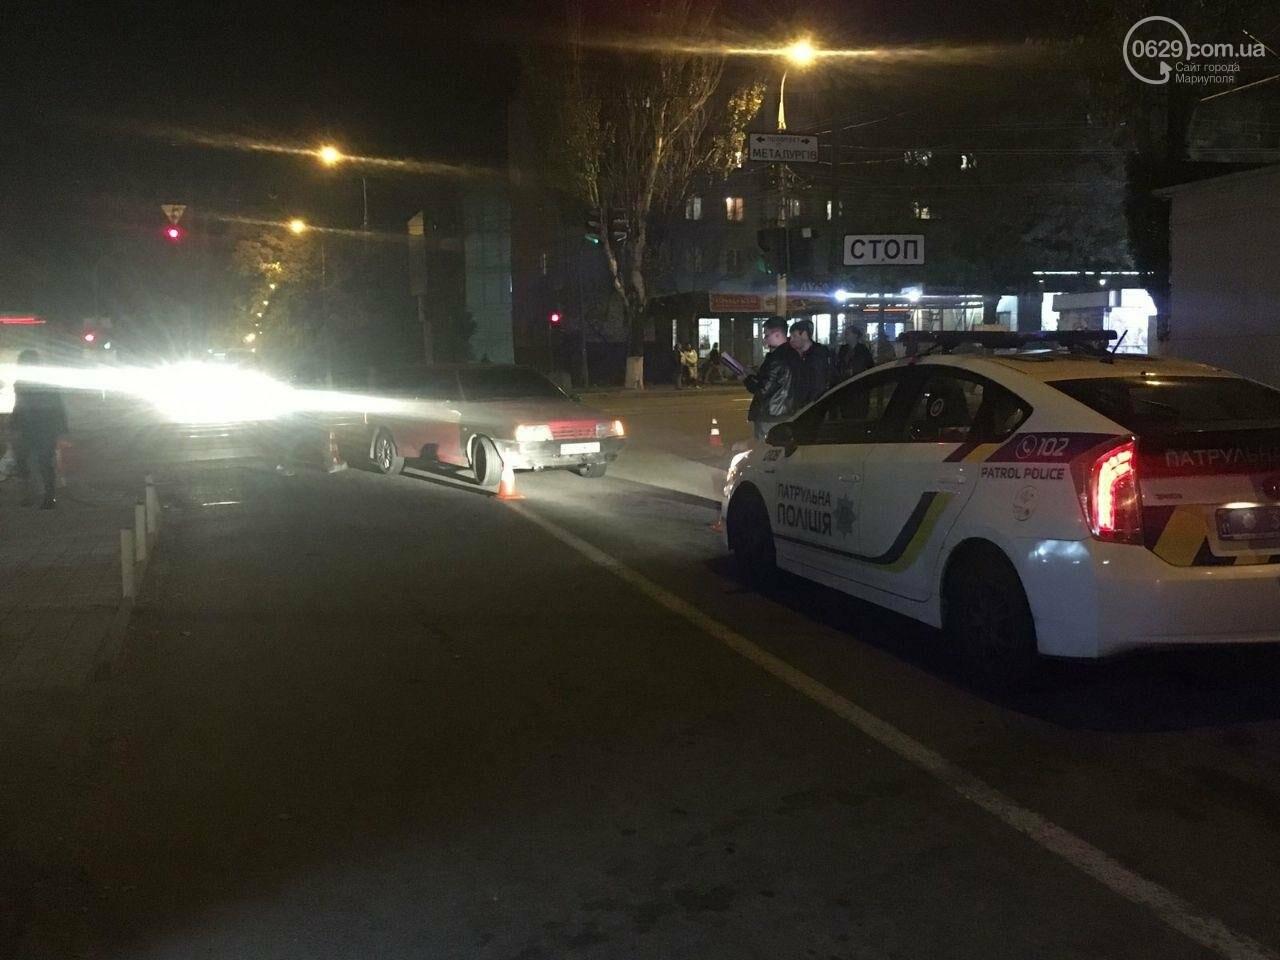 В Мариуполе на пешеходном переходе сбили женщину, - ФОТО, фото-2